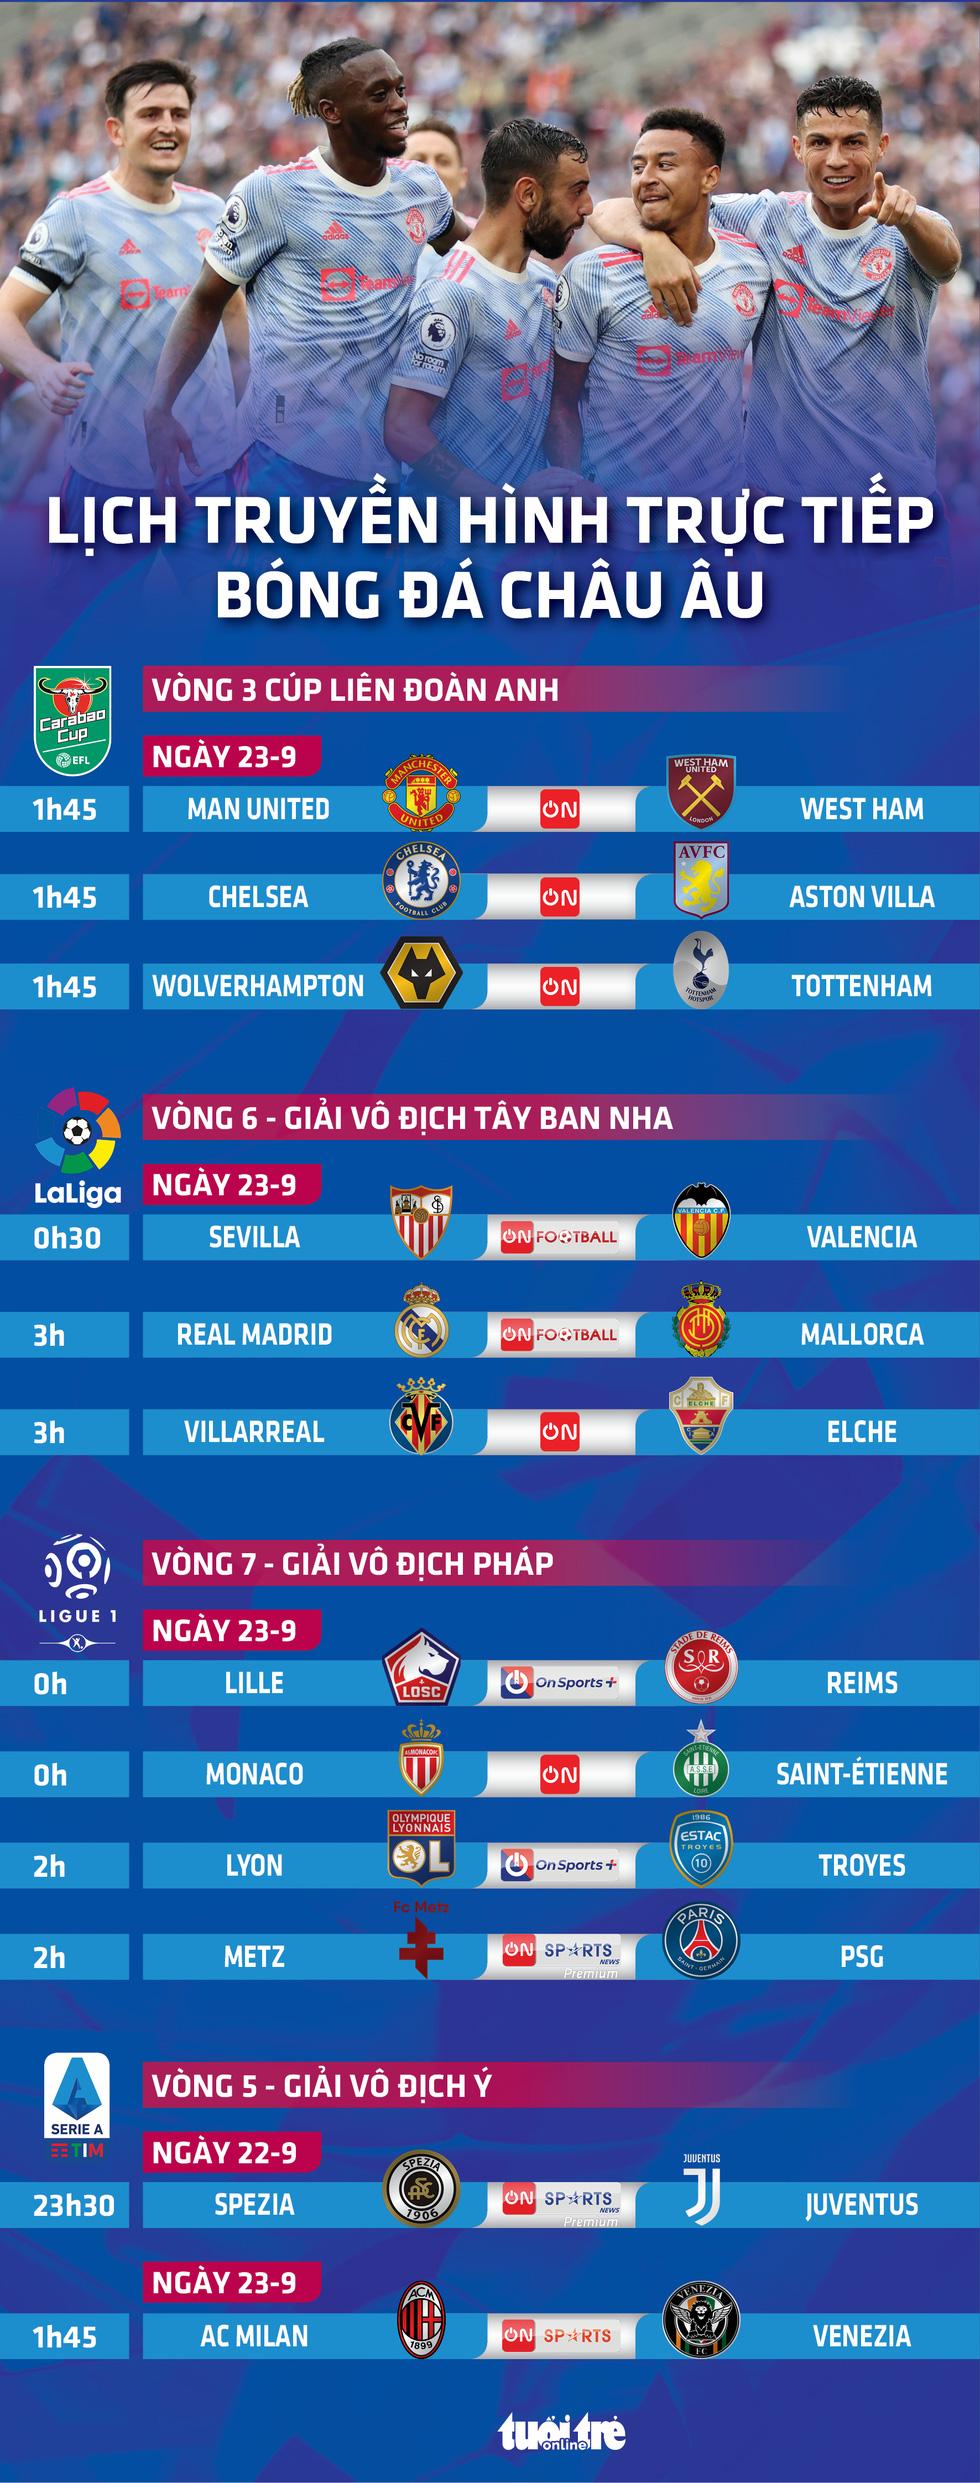 Lịch trực tiếp bóng đá châu Âu 23-9: Man United, Chelsea, Real Madrid, PSG và Juve thi đấu - Ảnh 1.